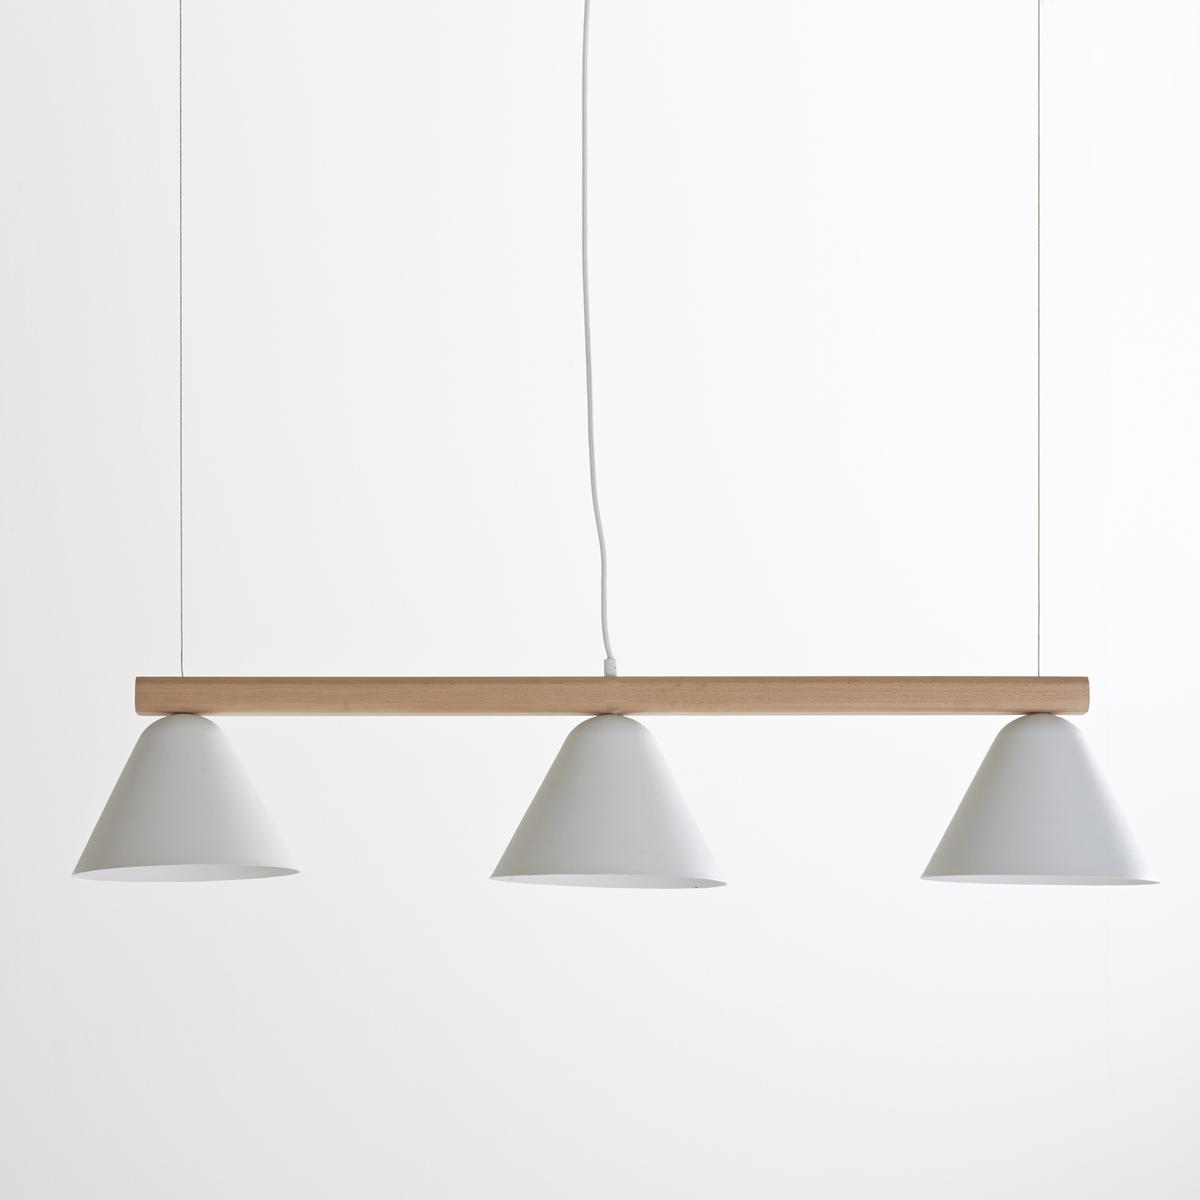 Светильник длинный, CotapiСветильник длинный Cotapi. Светильник с 3 абажурами Cotapi  в индустриальном стиле крепится на потолок на необходимой высоте над центральной зоной или над обеденным столом.Описание длинного светильника Cotapi :Патрон E27 для лампочки 40W (не входит в комплект) .Этот светильник совместим с лампочками    энергетического класса   : A, B, C, D, E.Описание длинного светильника Cotapi :Каркас из массива ясеня с матовым покрытием и металла с белым матовым покрытием .Абажур с белым матовым покрытием . Найдите подходящие светильники и другие модели из коллекции Cotapi на сайте laredoute .Размеры светильника Cotapi :Длина : 104 смГлубина : 22,5 смВысота : макс 73 см (регулируется по высоте)Абажур: Выс16 x ?22,5 см<br><br>Цвет: белый